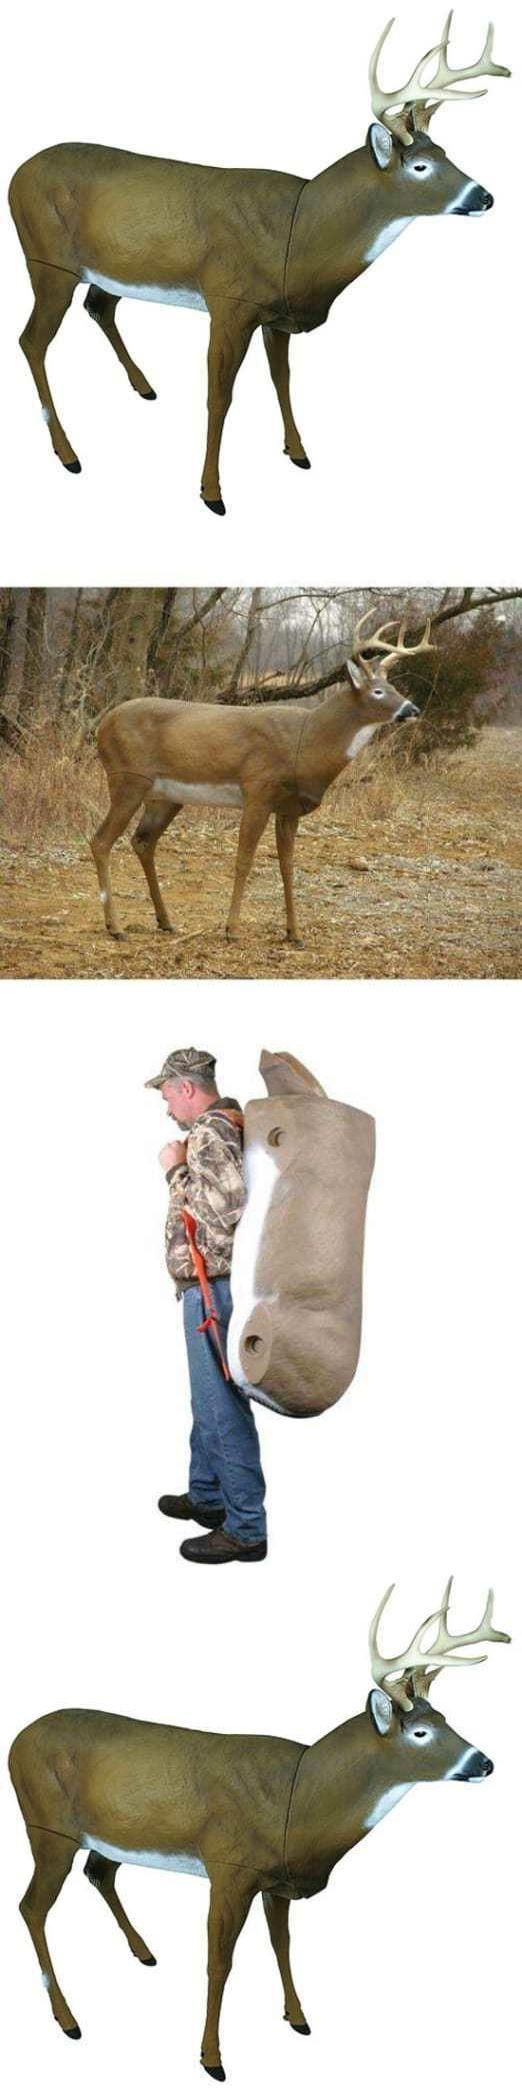 Decoys 36249: Flambeau Outdoors Boss Buck Deer Decoy -> BUY IT NOW ONLY: $108.33 on eBay!